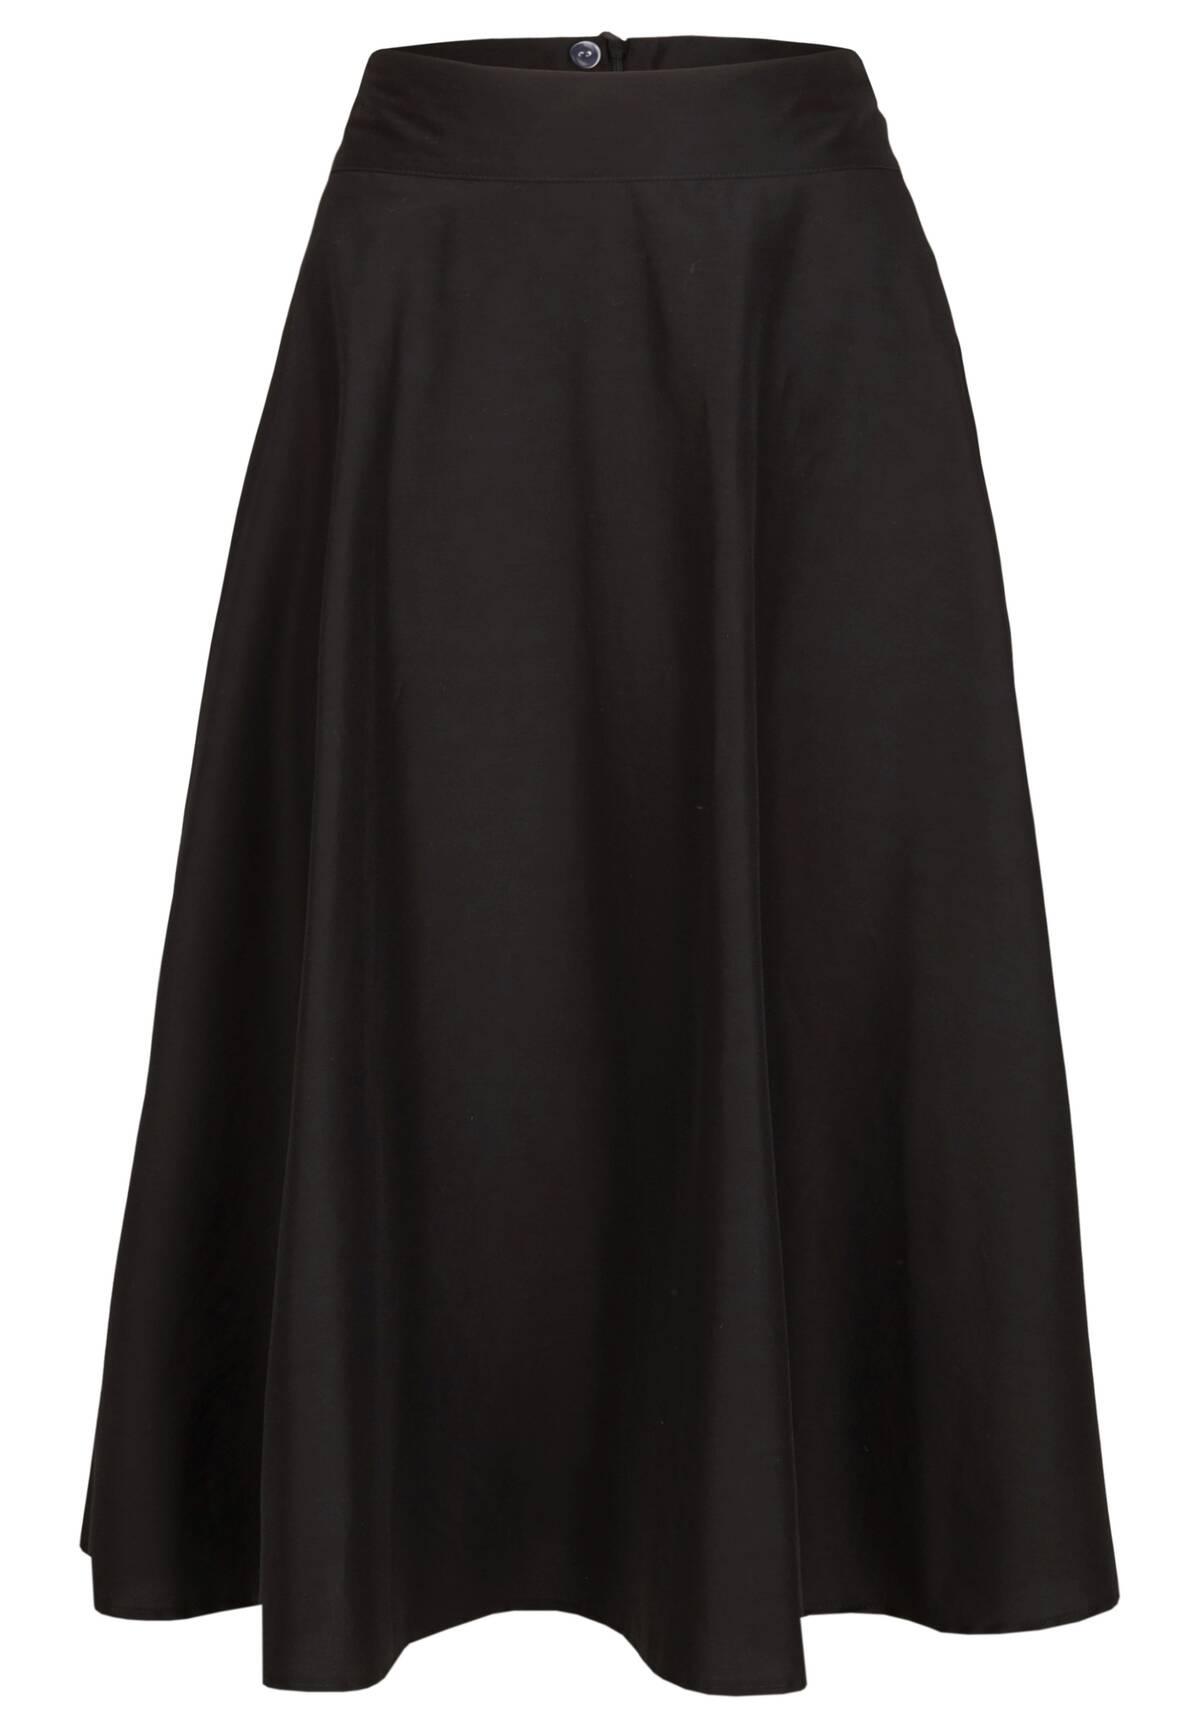 Moderner Rock / Feminine Midi Skirt